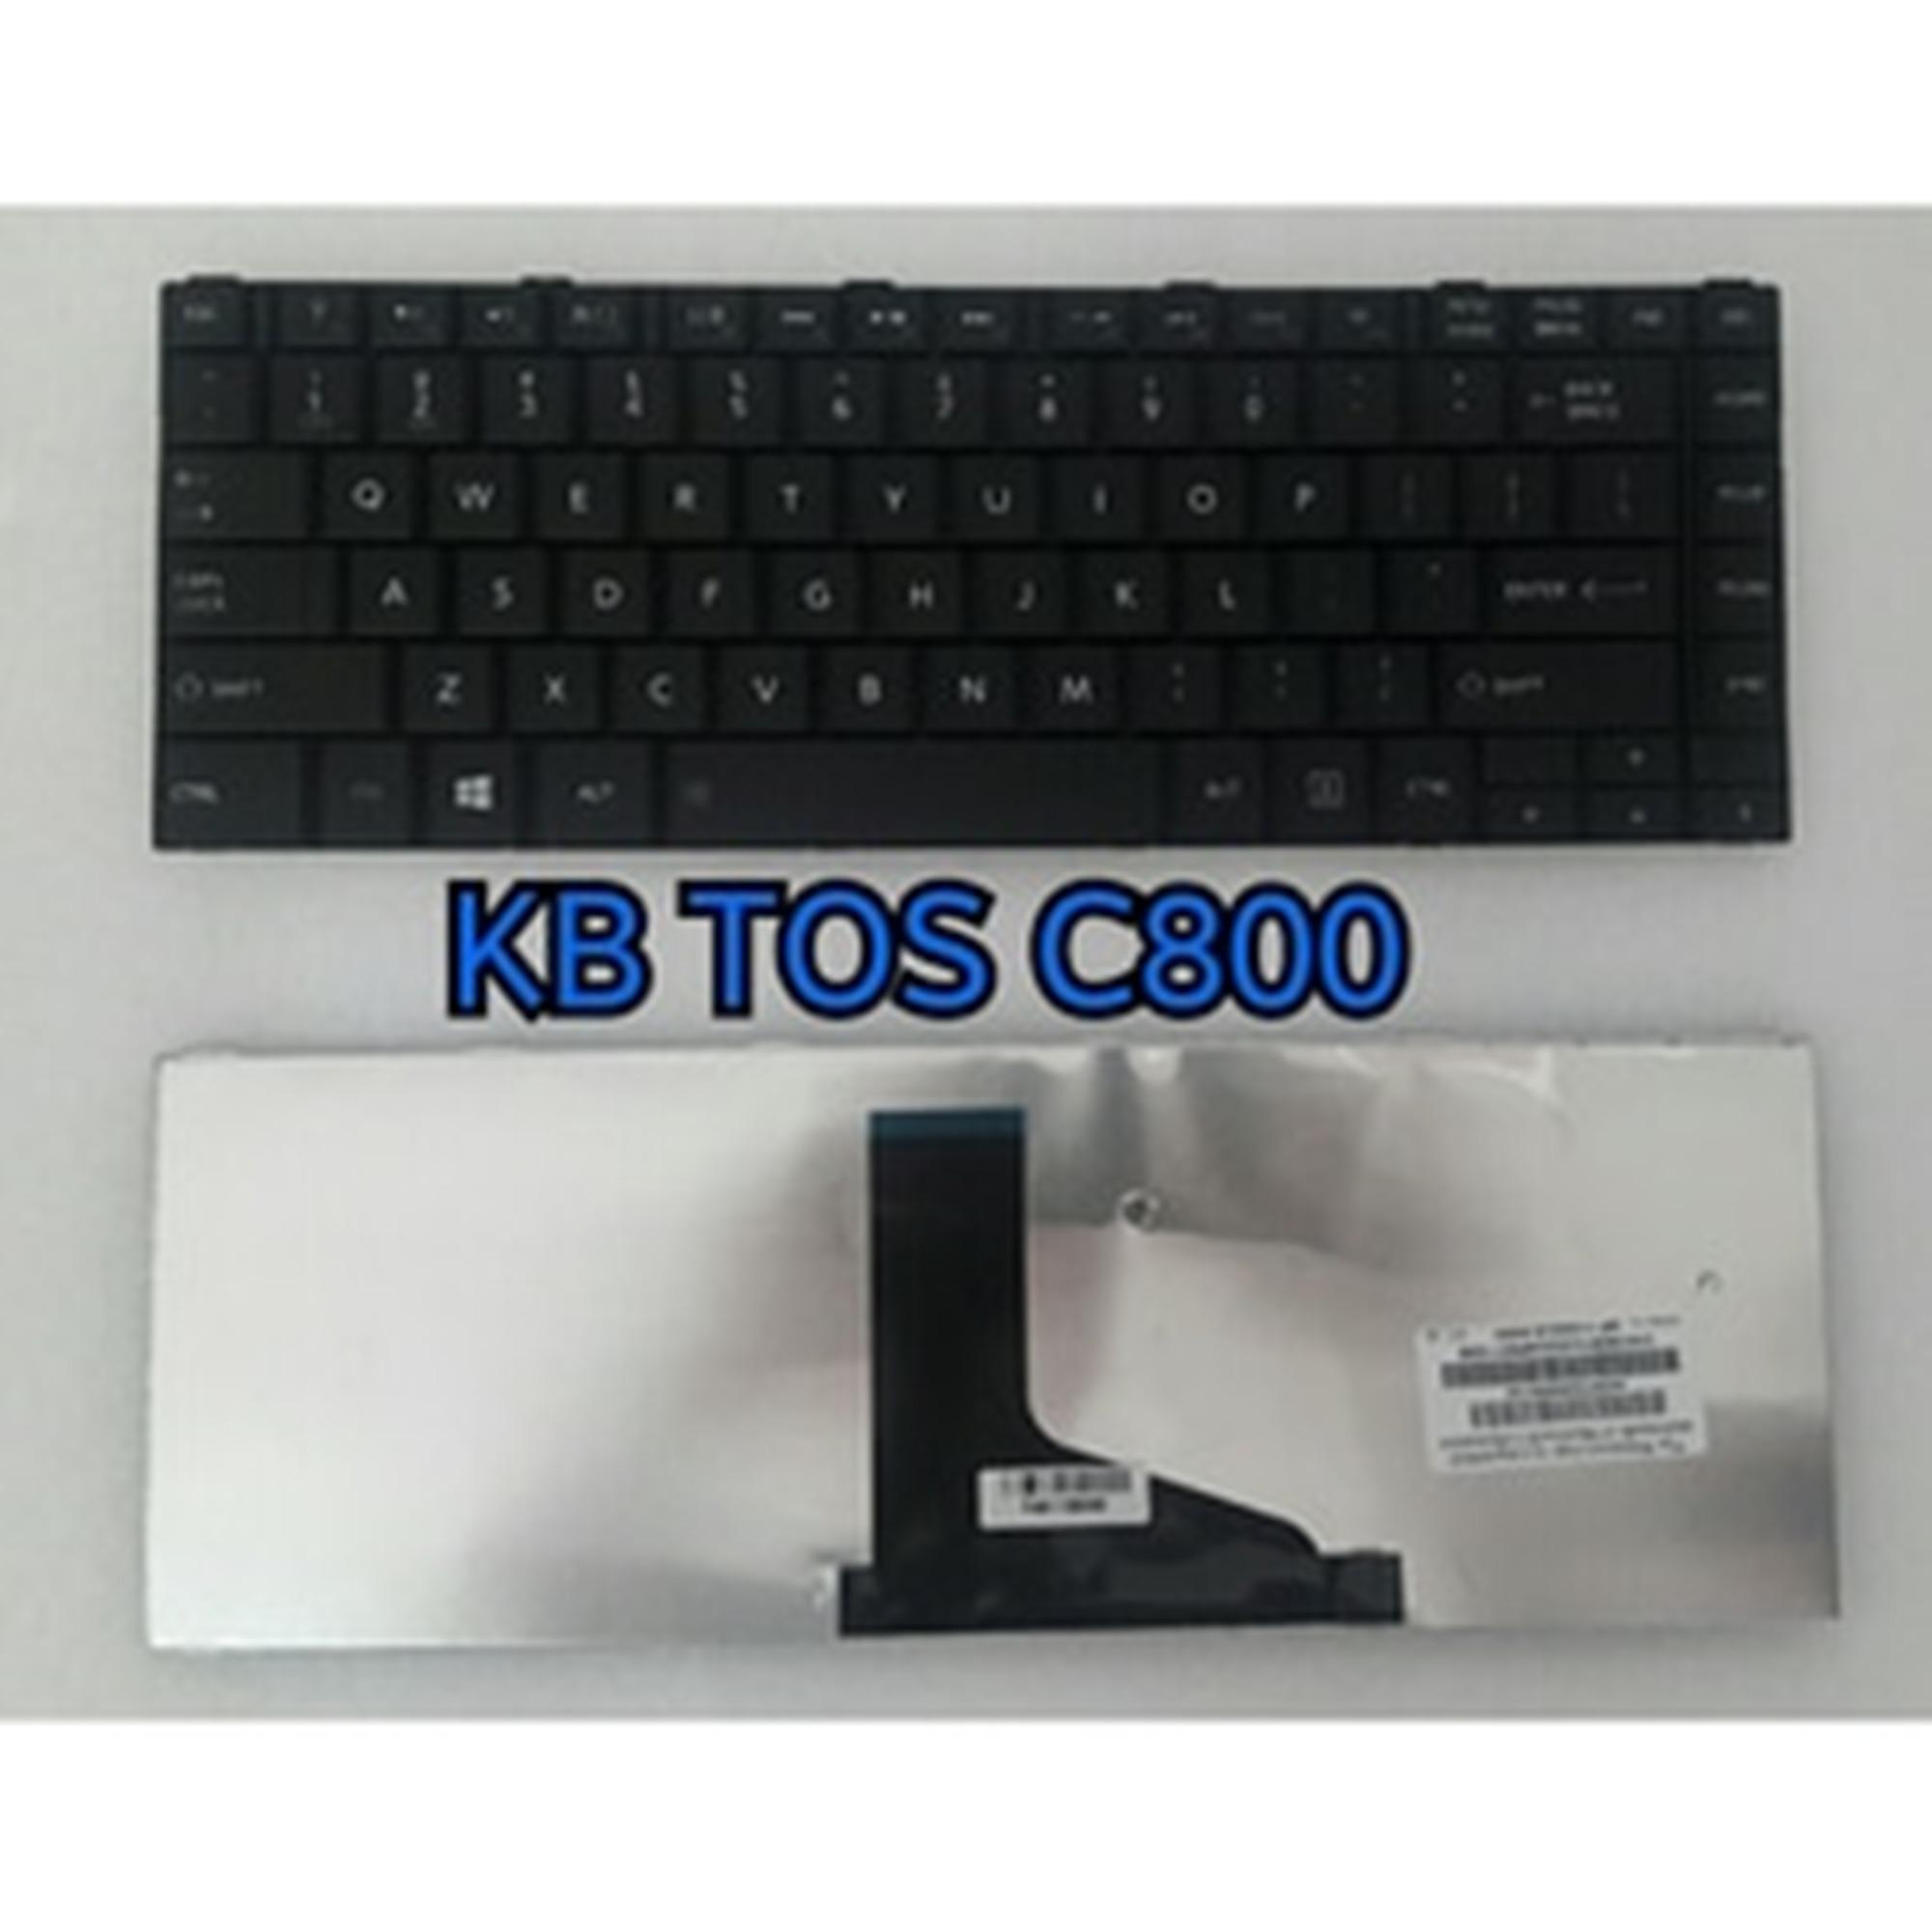 Keyboard Laptop, Keyboard Toshiba C800, Satellite C800, L845, L840